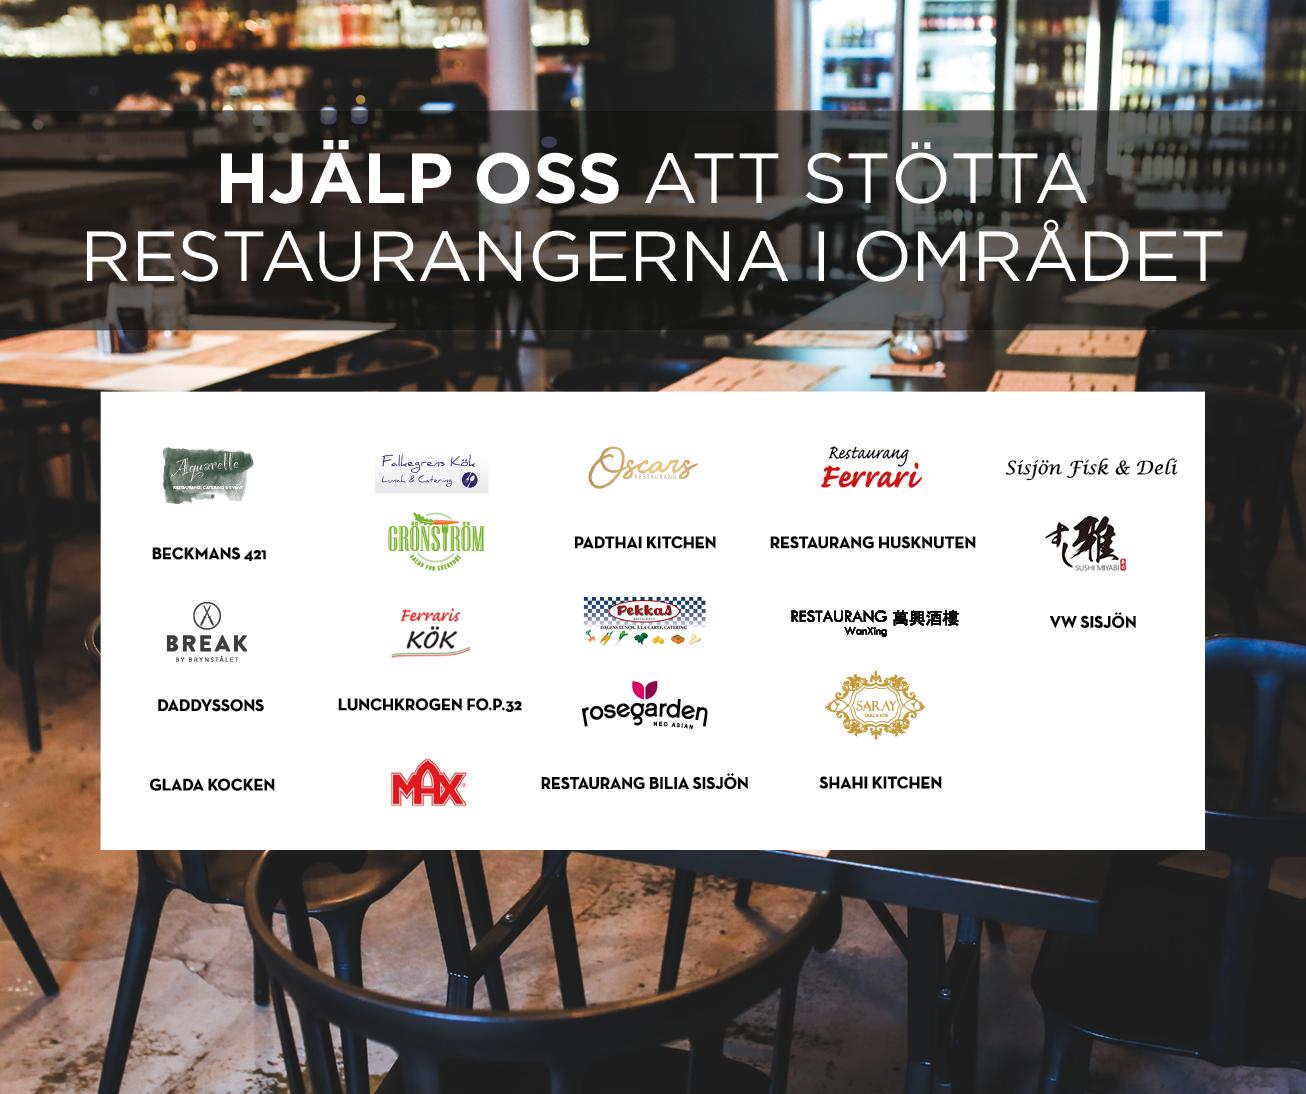 Hjälp oss att stötta restauranger i området